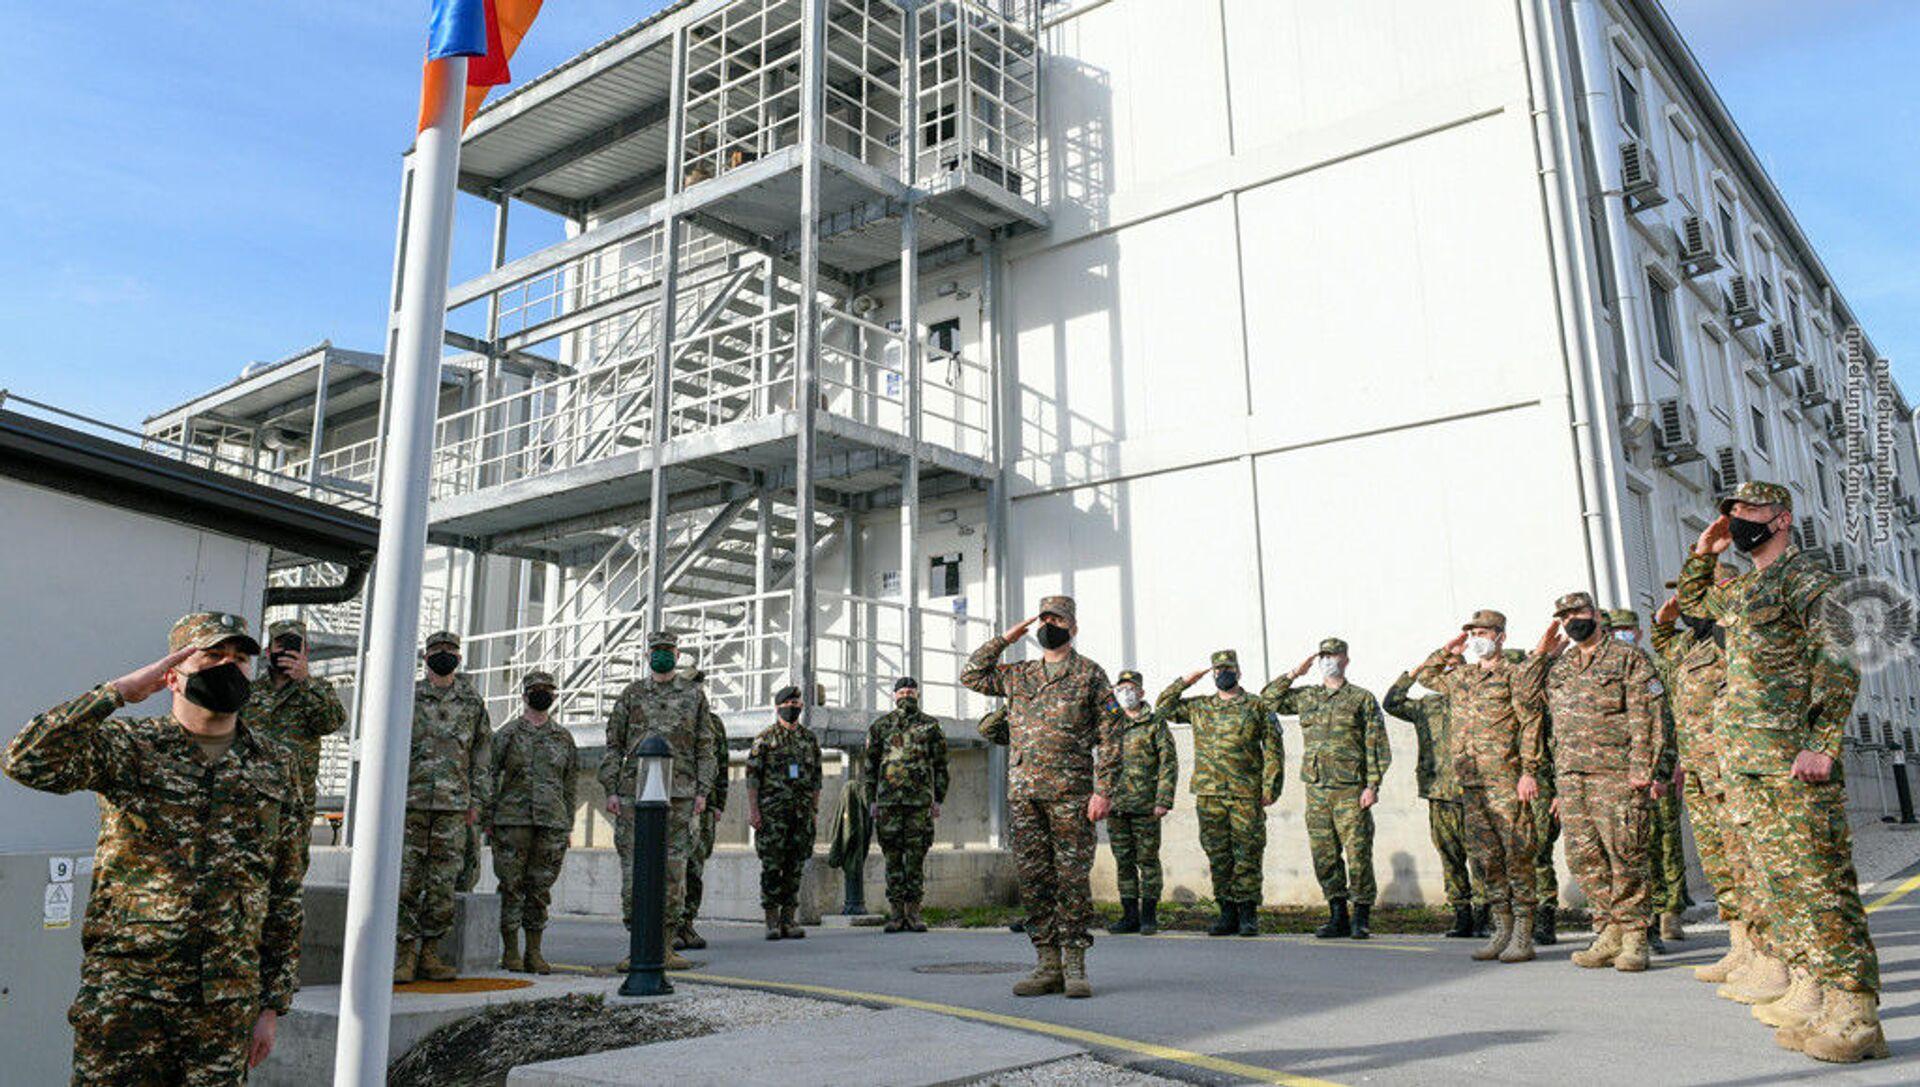 Армянские миротворцы в Косово приняли участие в торжественной церемонии открытия нового корпуса (22 марта 2021). Косово - Sputnik Արմենիա, 1920, 23.03.2021